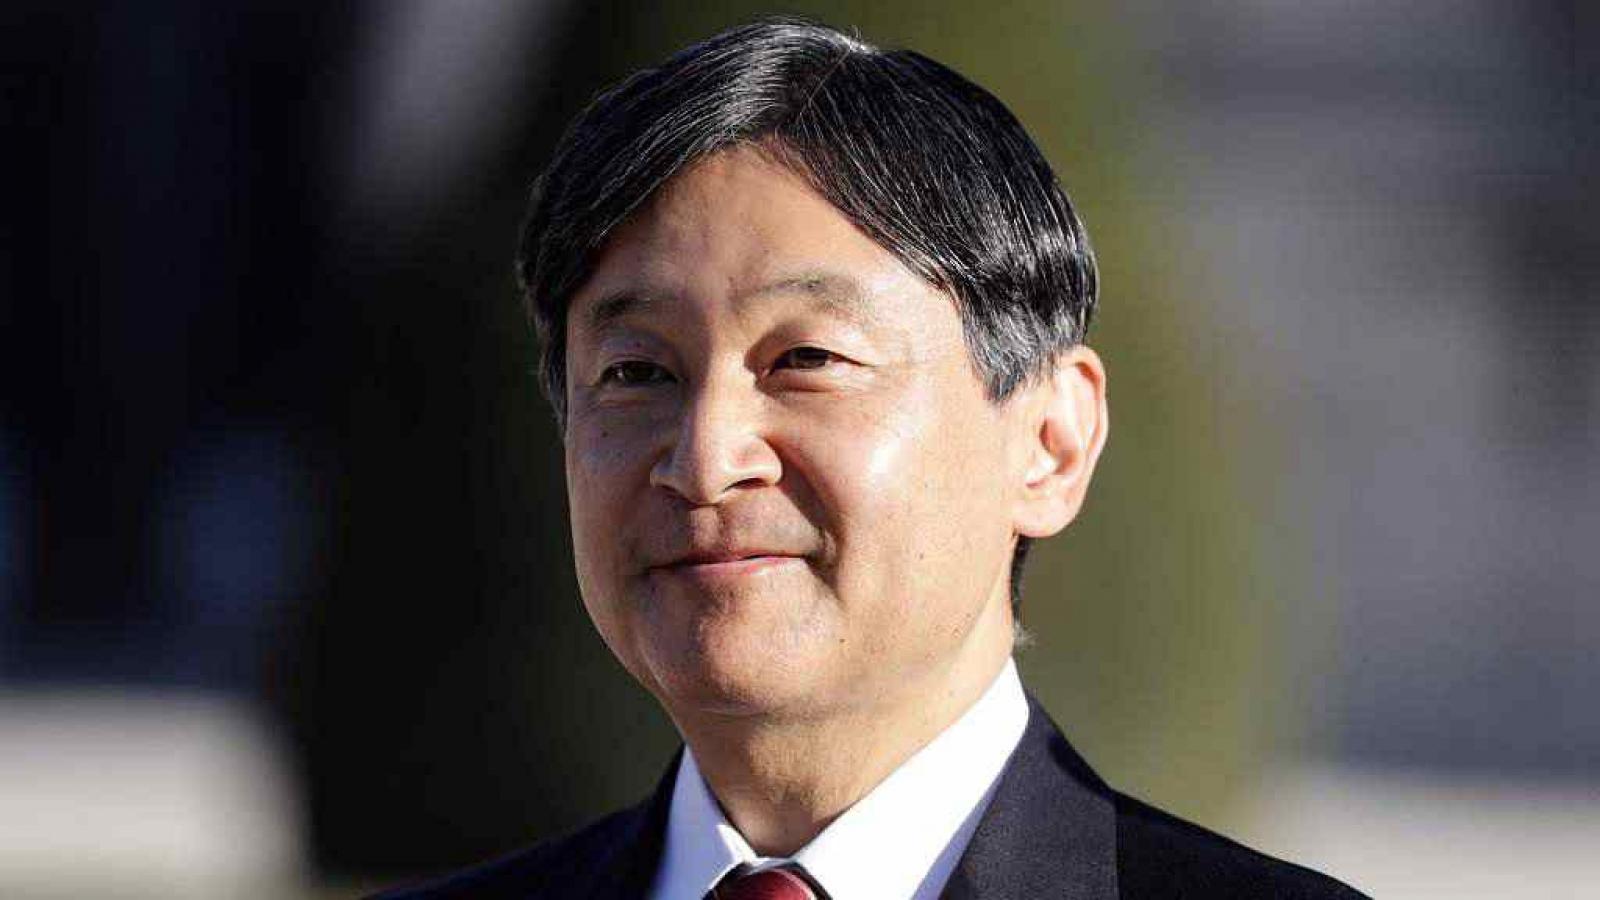 Lãnh đạo Đảng, Nhà nước gửi điện chúc mừng ngày sinh Nhà Vua Nhật Bản